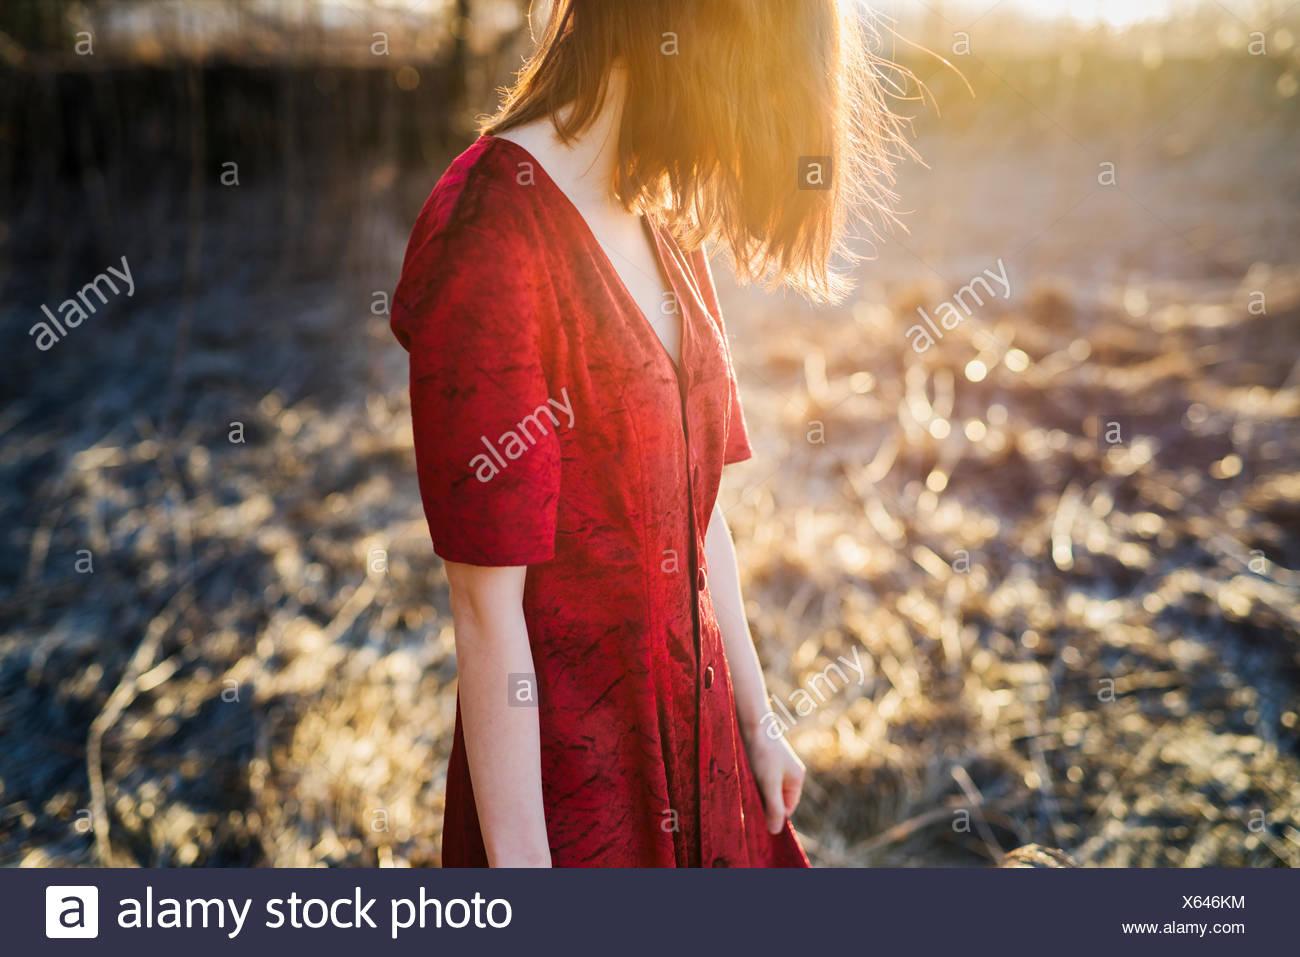 Finnland, Varsinais-Suomi, junge rote Haare Frau im roten Kleid stehen im Sonnenlicht Stockbild